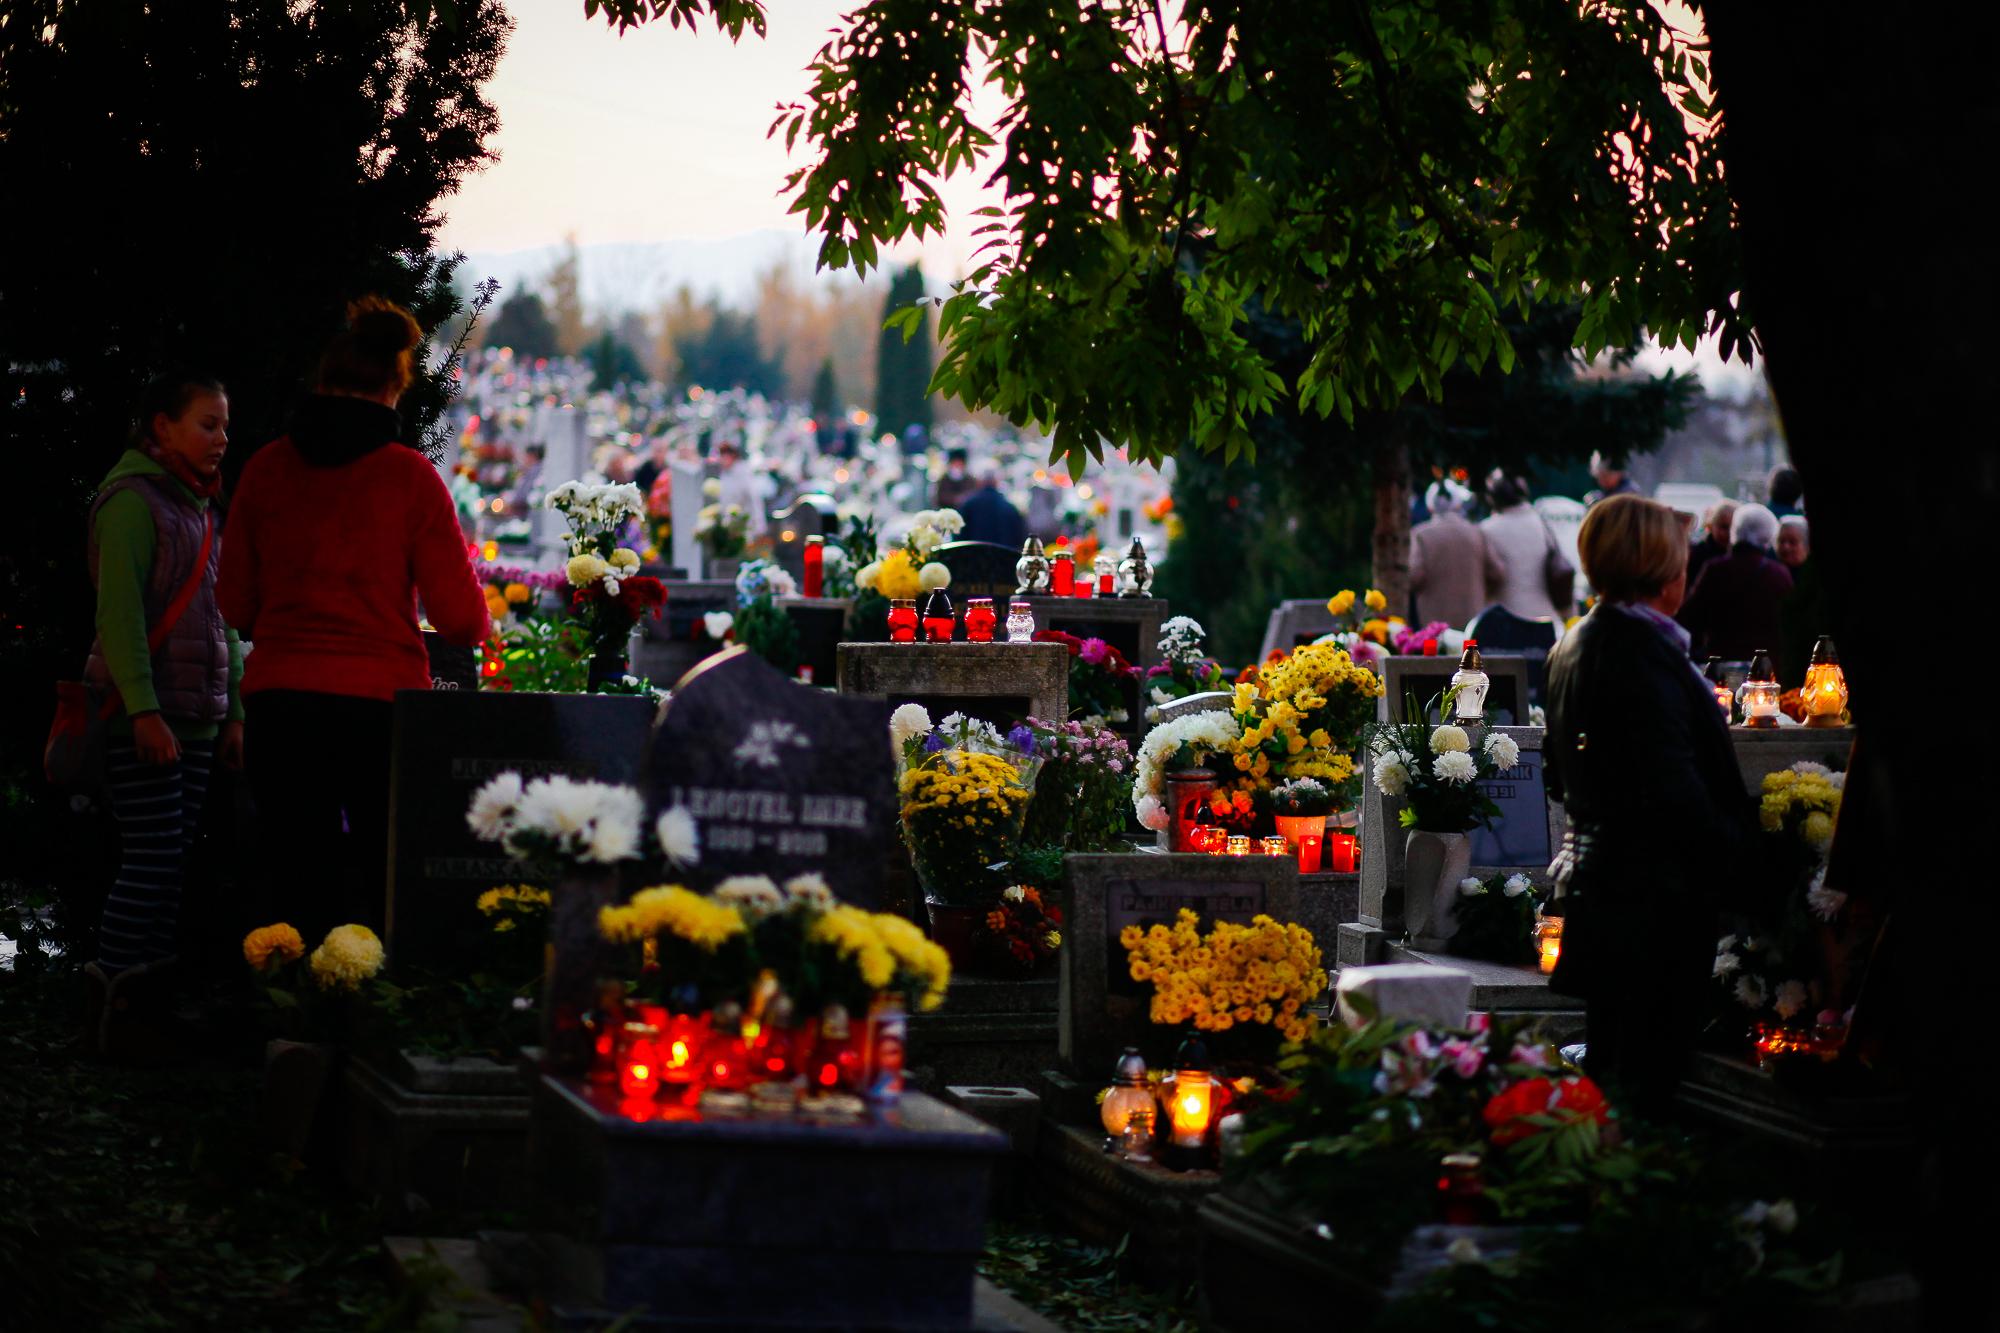 https://kolorline.hu/A halloween és a mindenszentek – a halottak ünnepe a pogány és a keresztény hitvilág tükrében